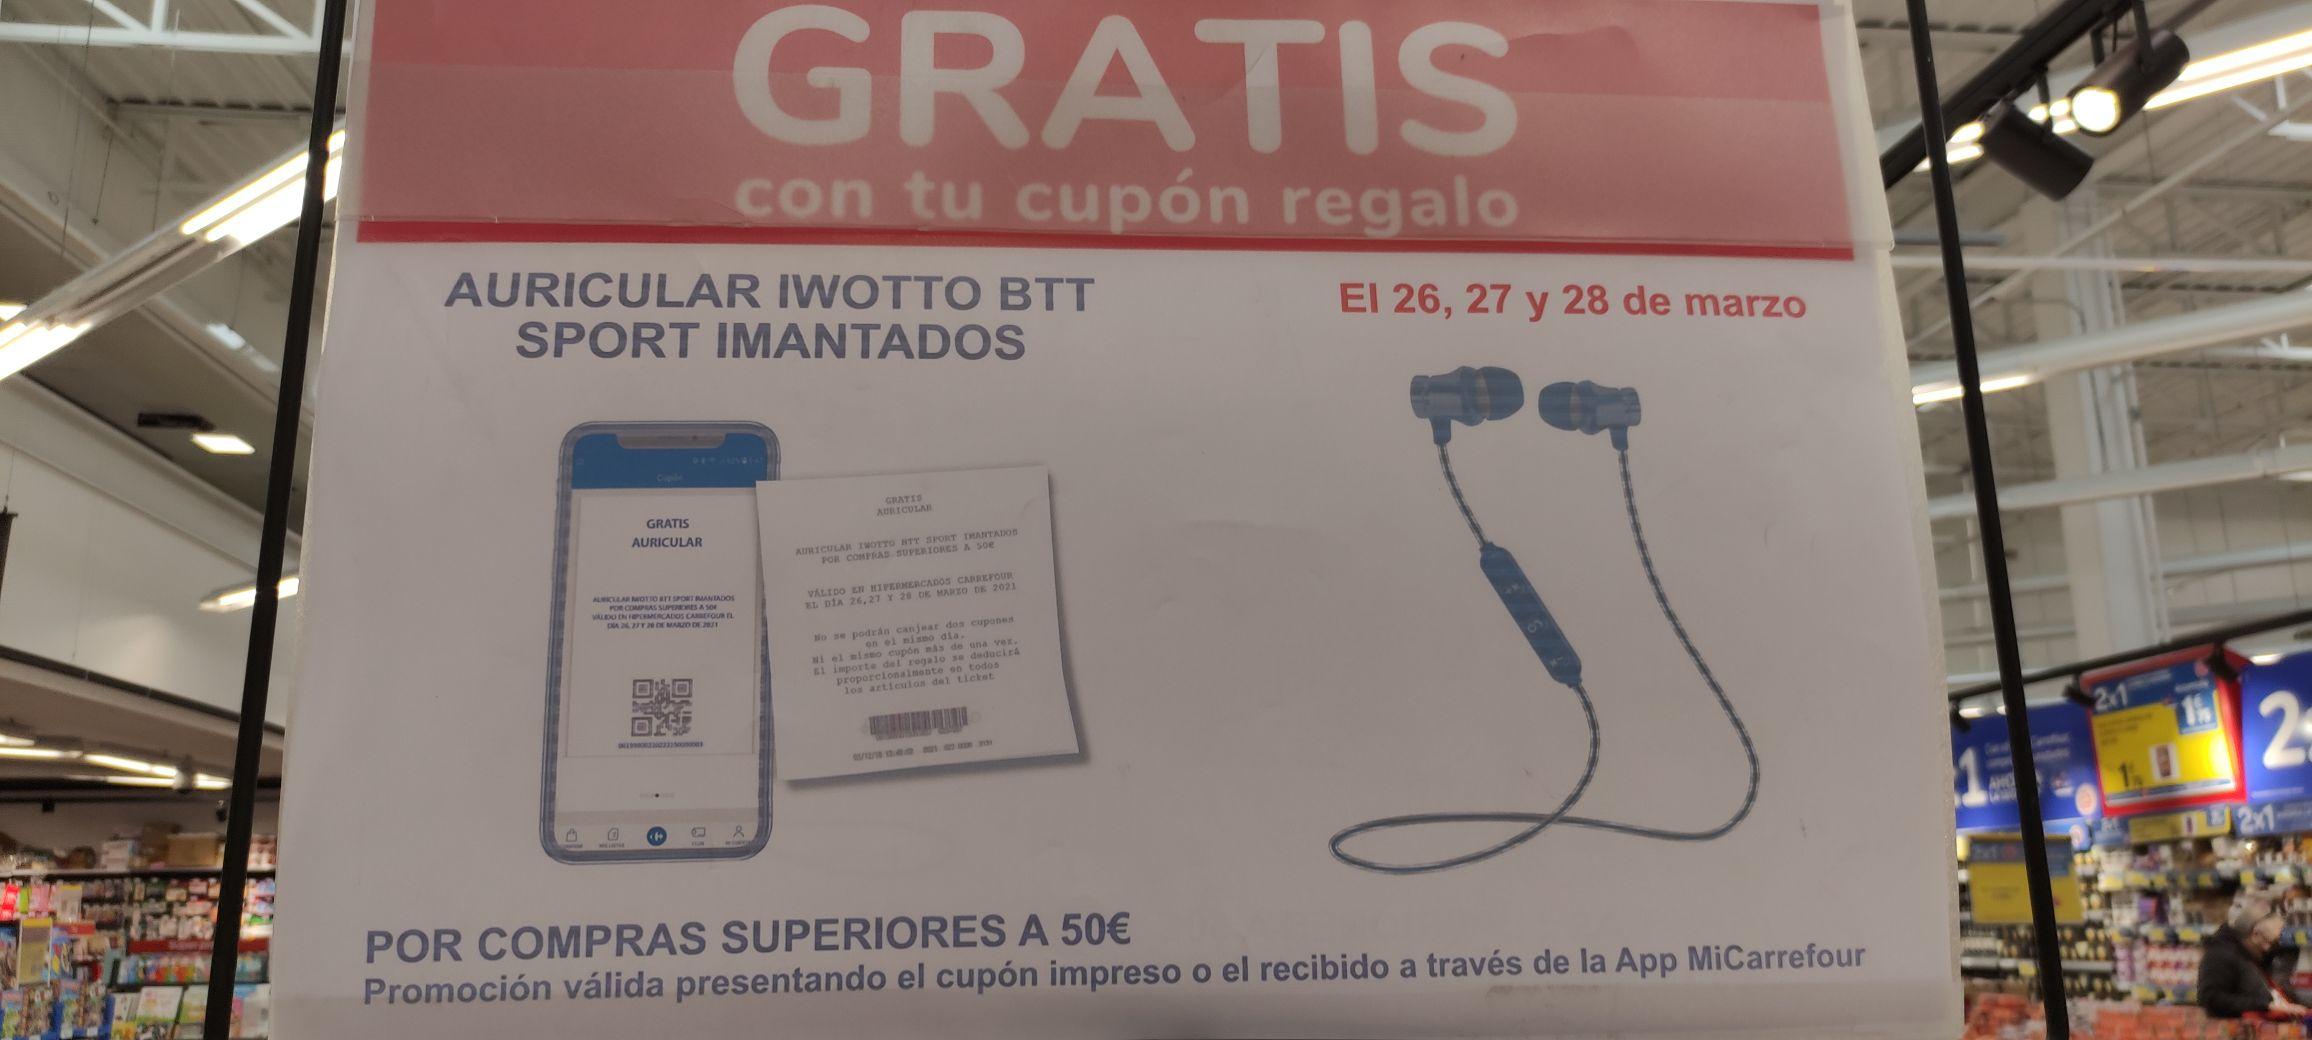 Auriculares gratis por compras superiores a 50 euros, Ciudad de la Imagen Madrid